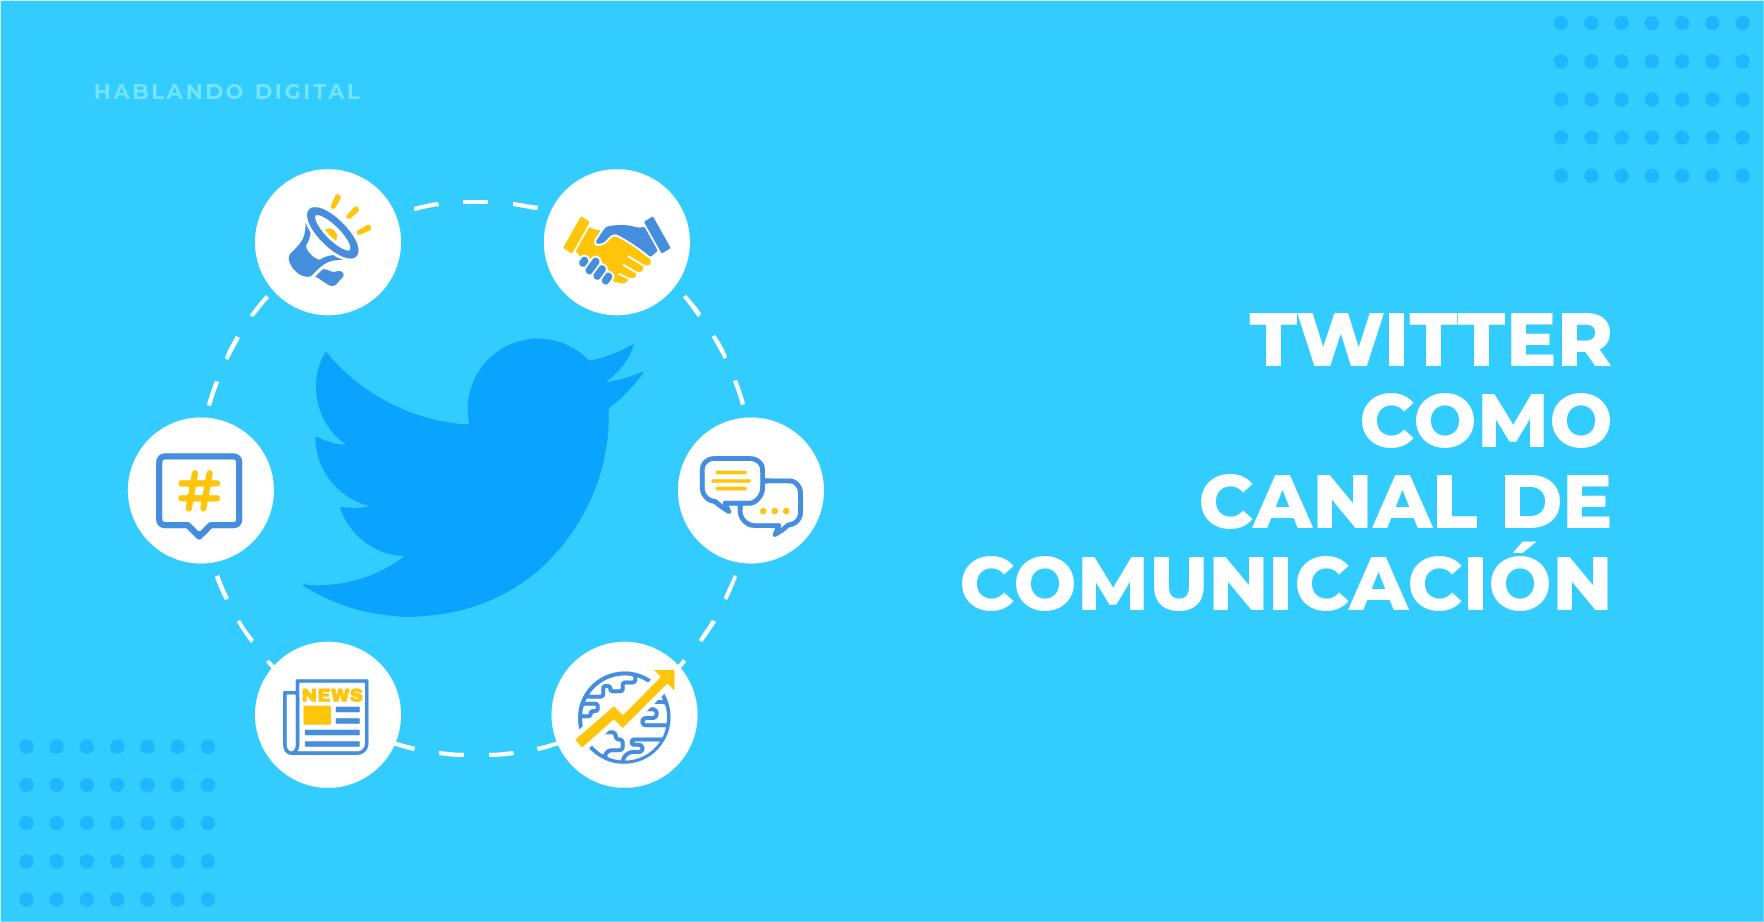 ventajas de twitter como canal de comunicación